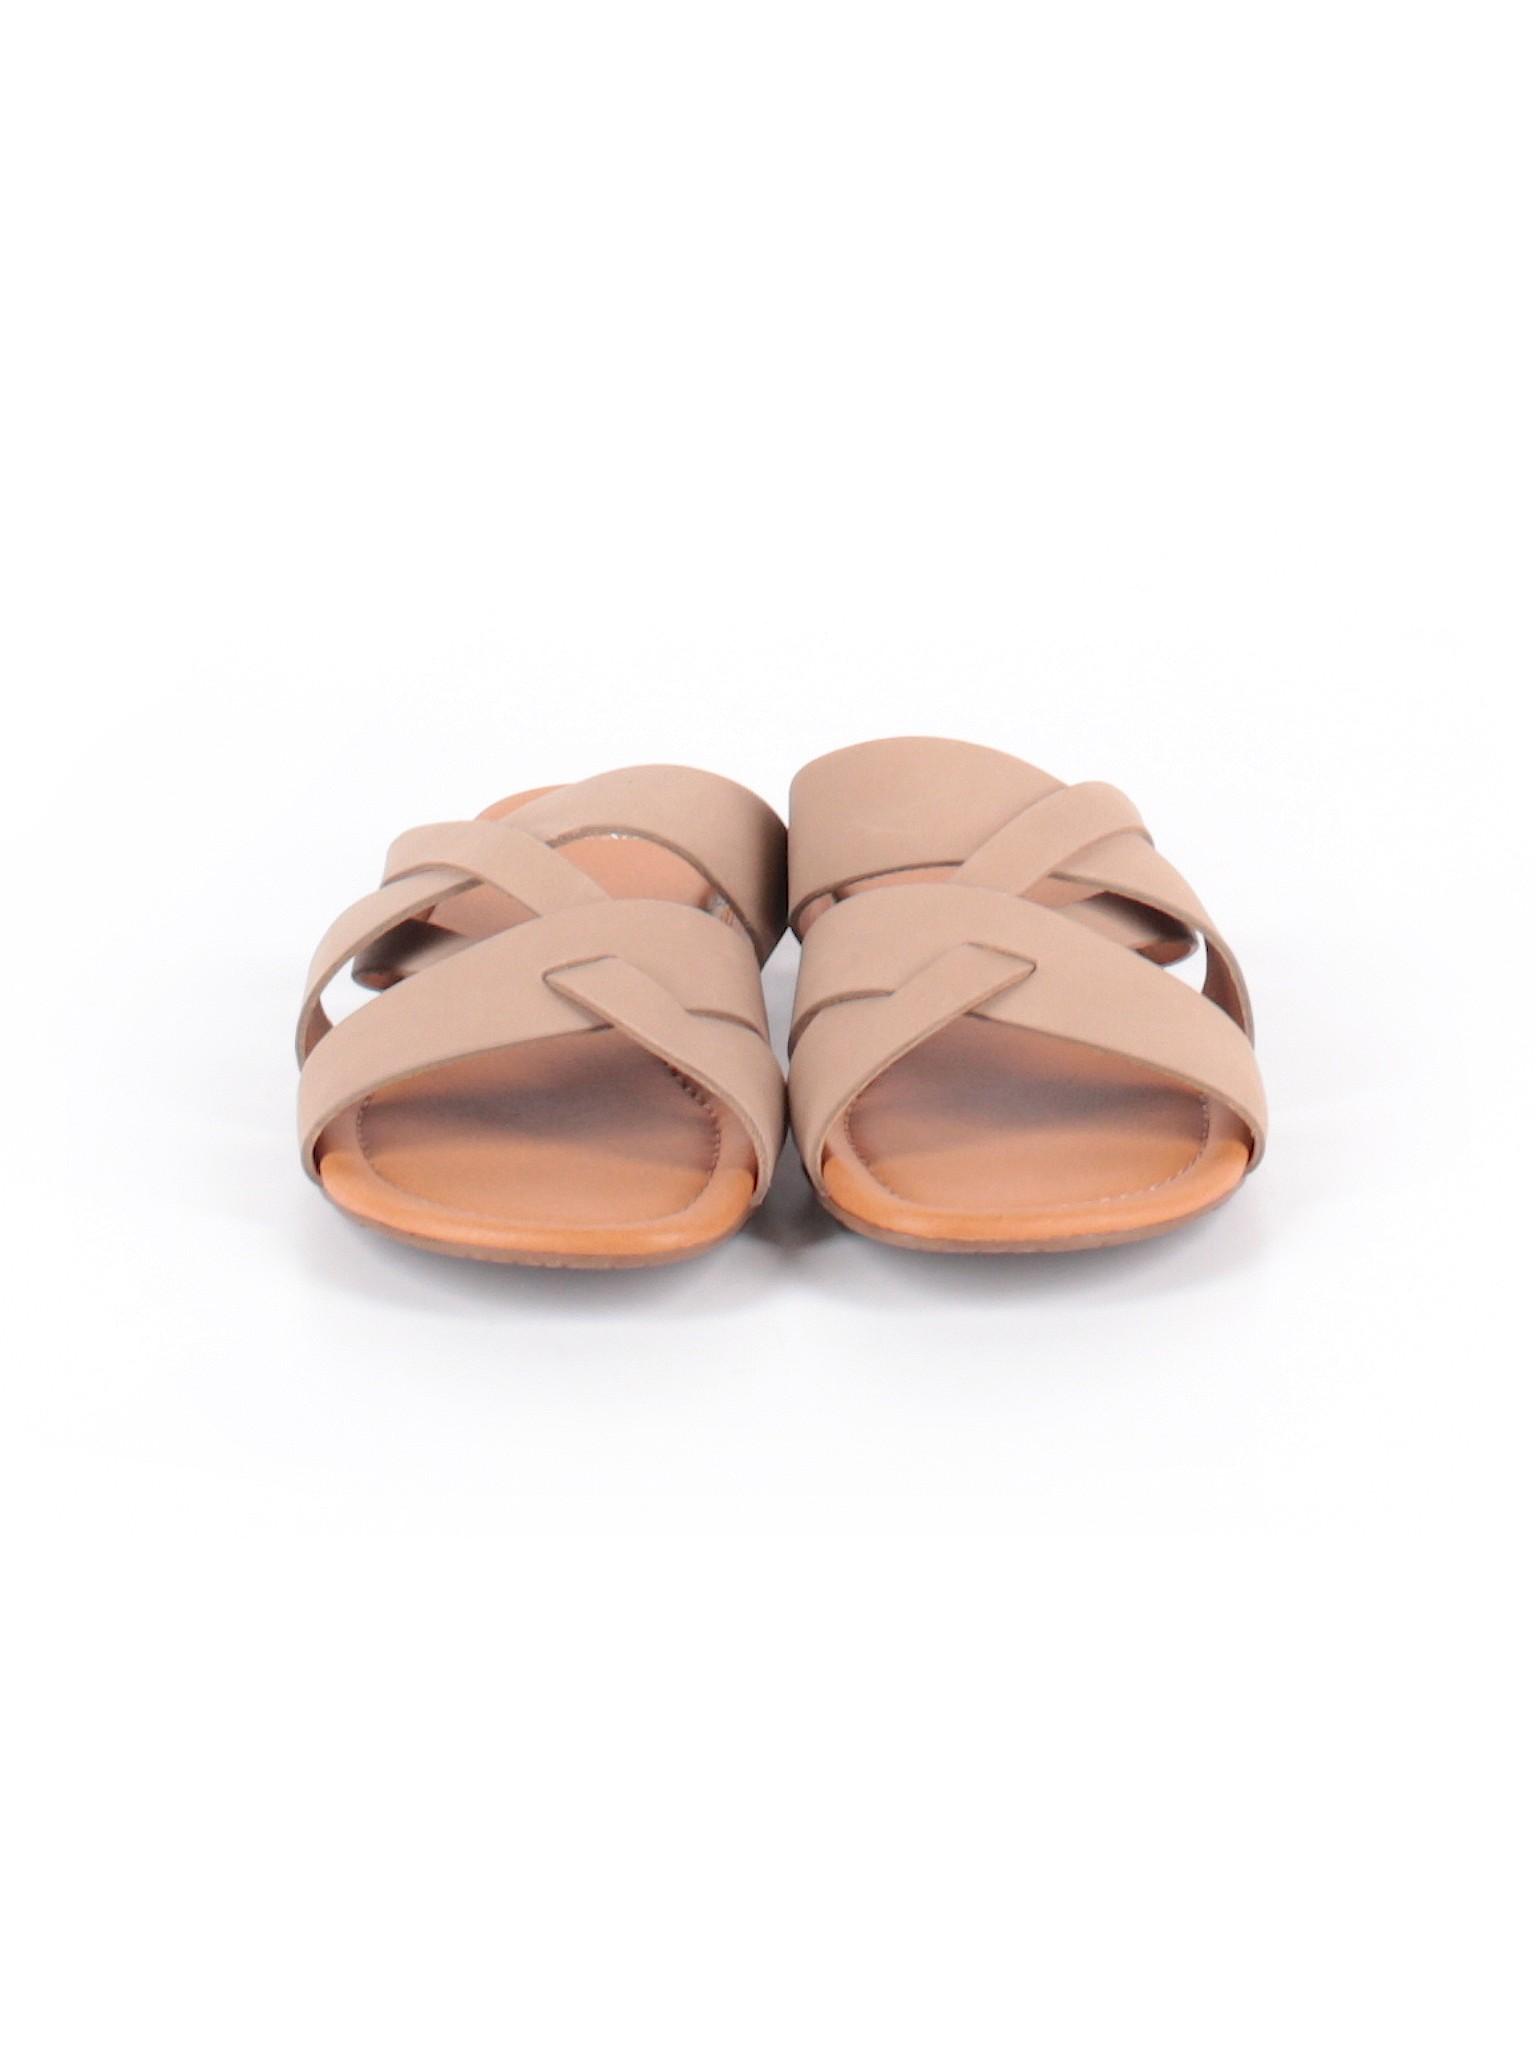 Franco Boutique promotion Boutique Sarto Sandals promotion q5OqvPt